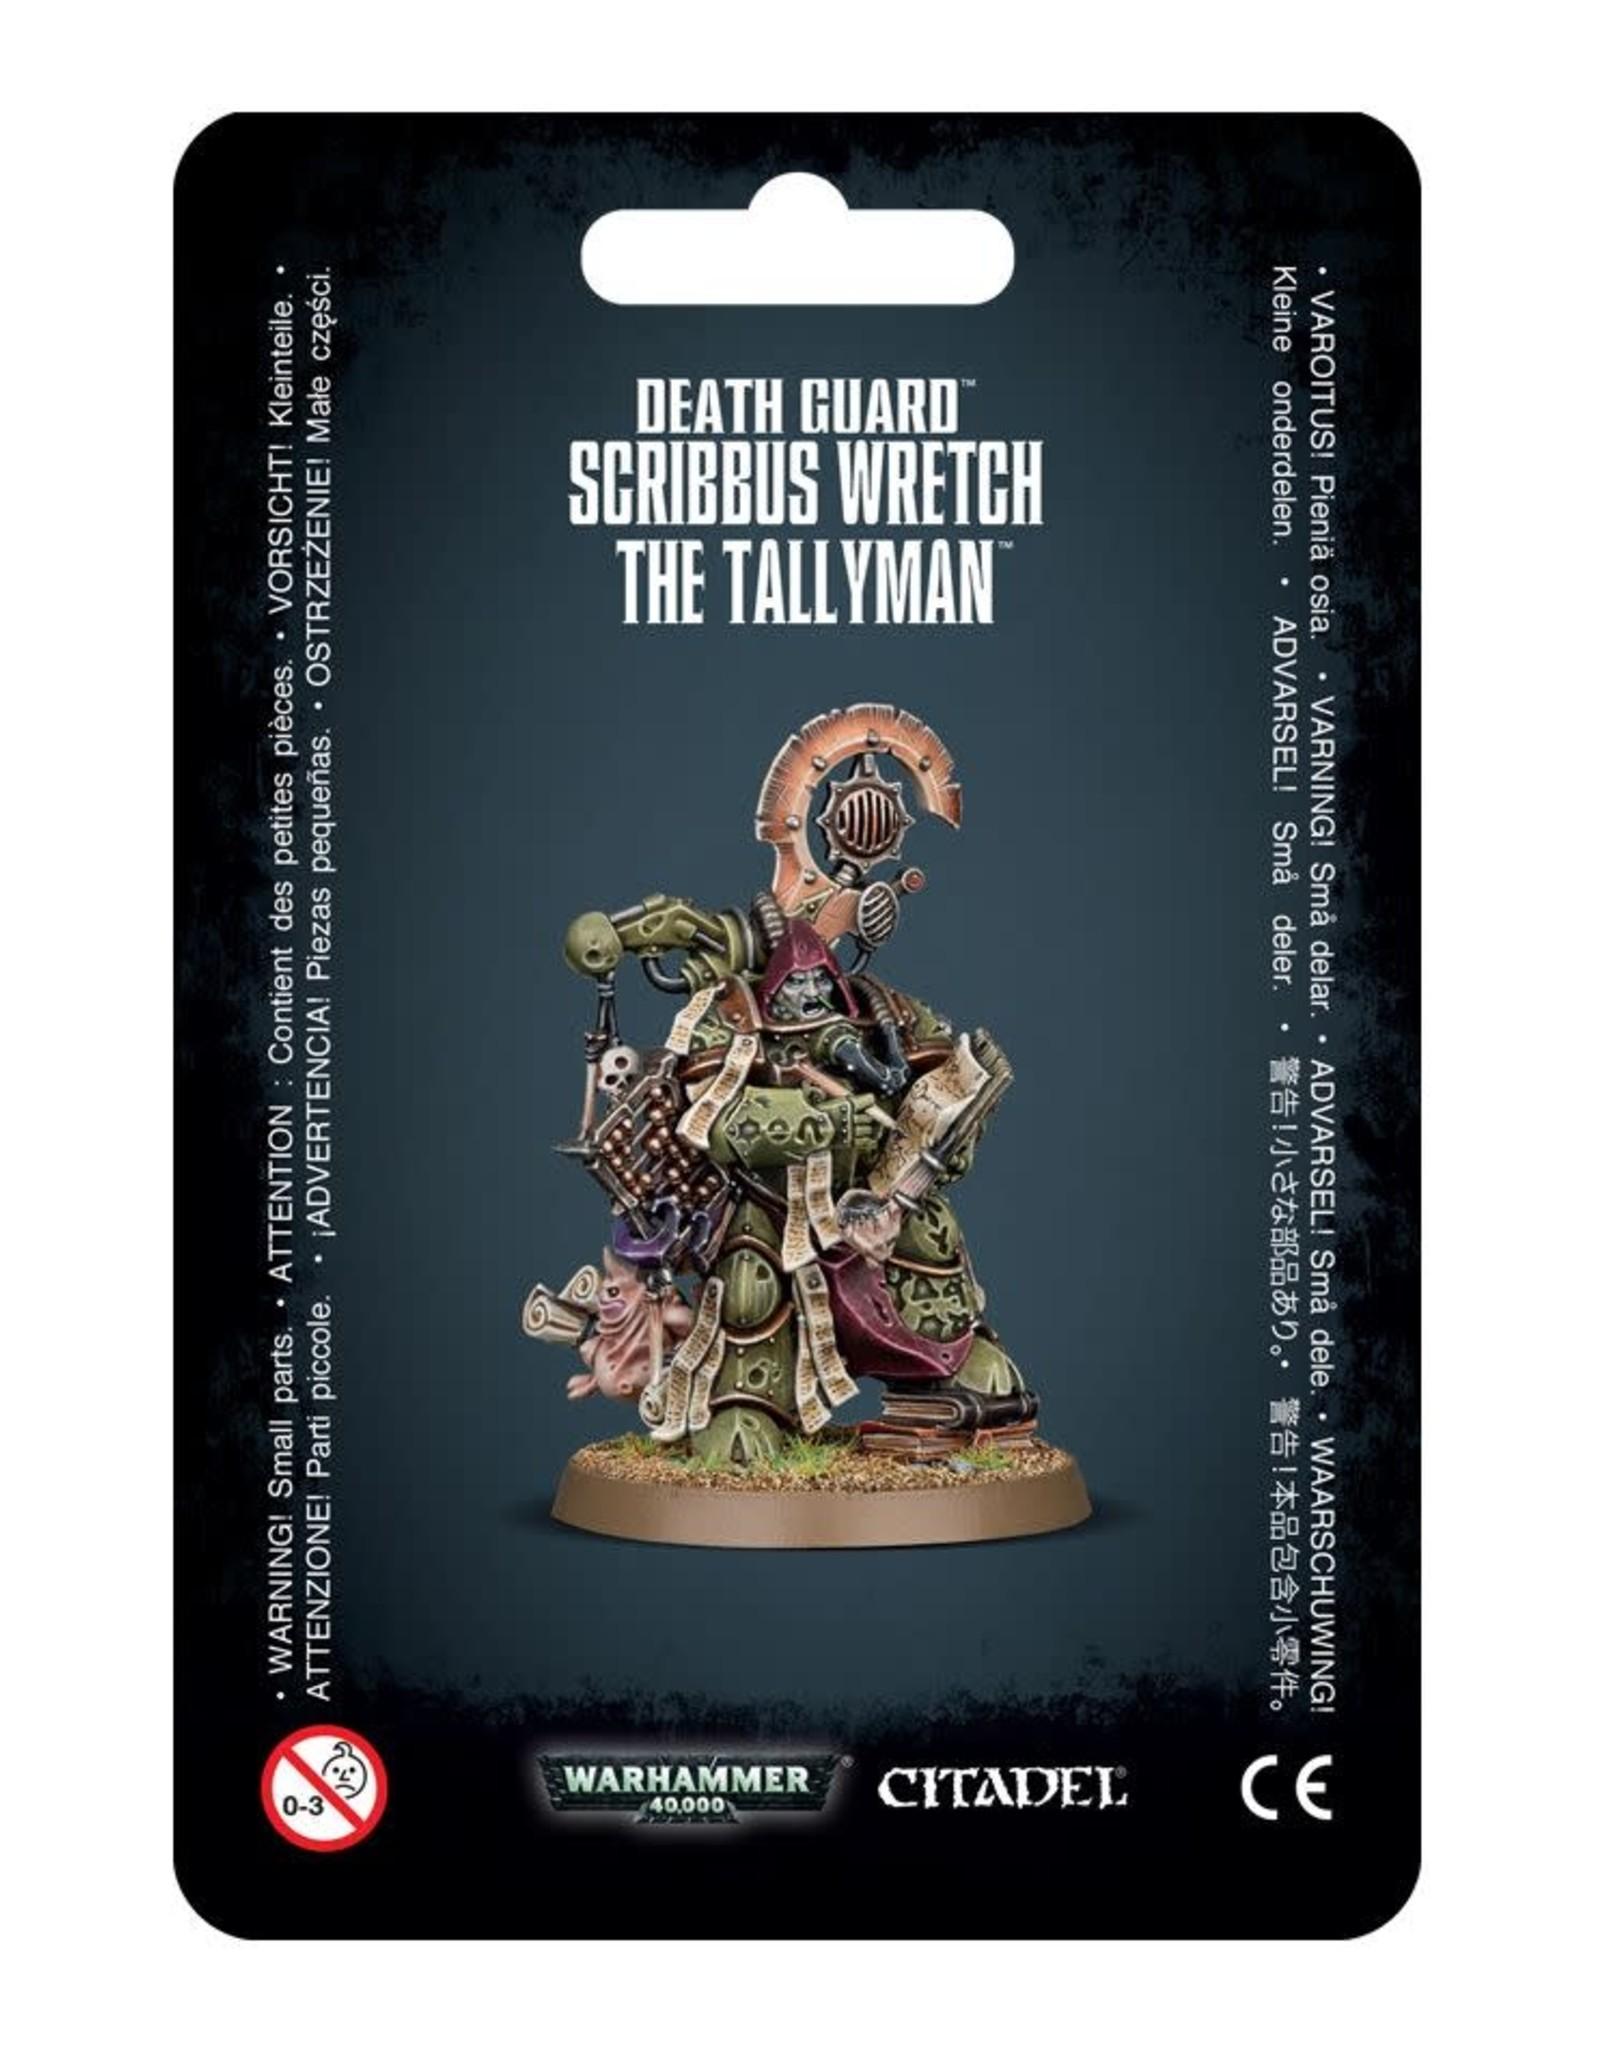 Warhammer 40K Death Guard Scribbus Wretch the Tallyman